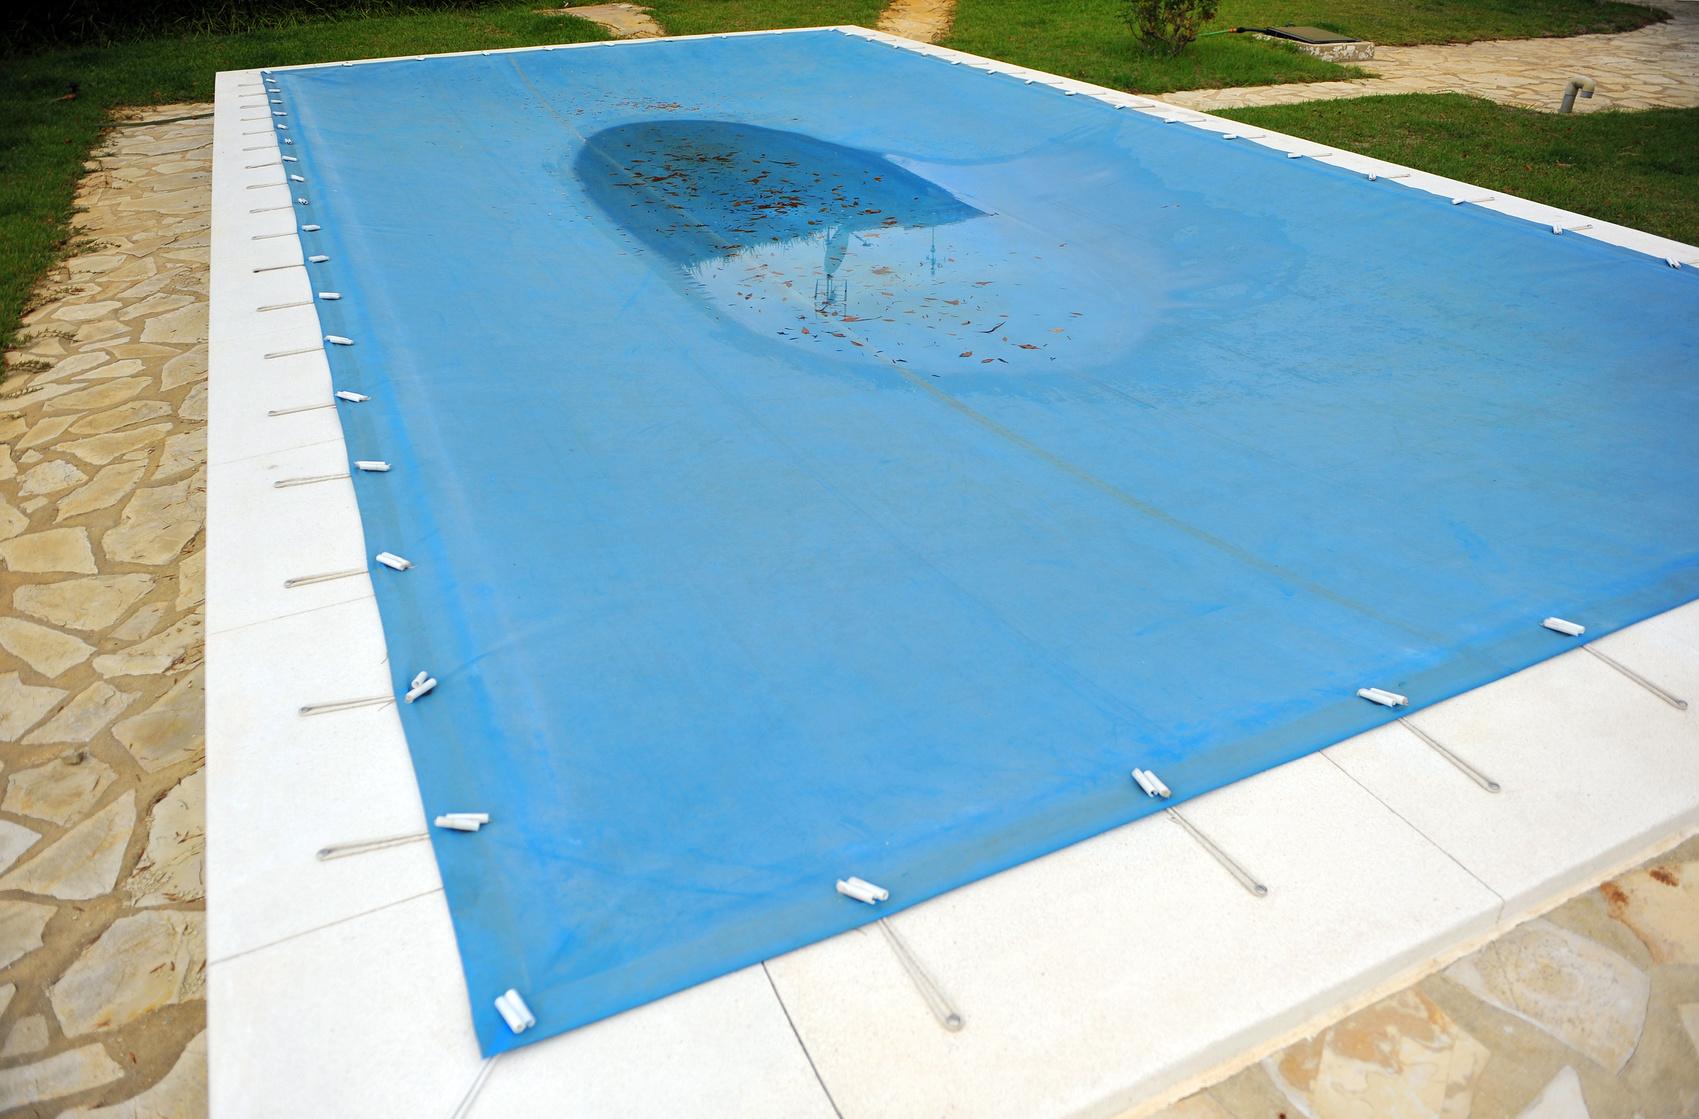 Mantenimiento de piscinas en invierno construcci n for Mantenimiento piscina invierno